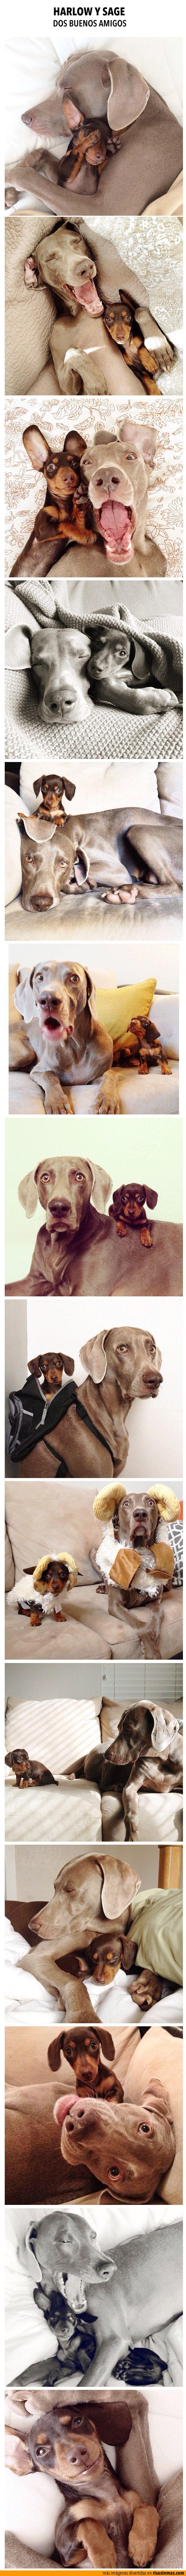 Harlow y sage dos buenos amigos cuteanimal pinterest